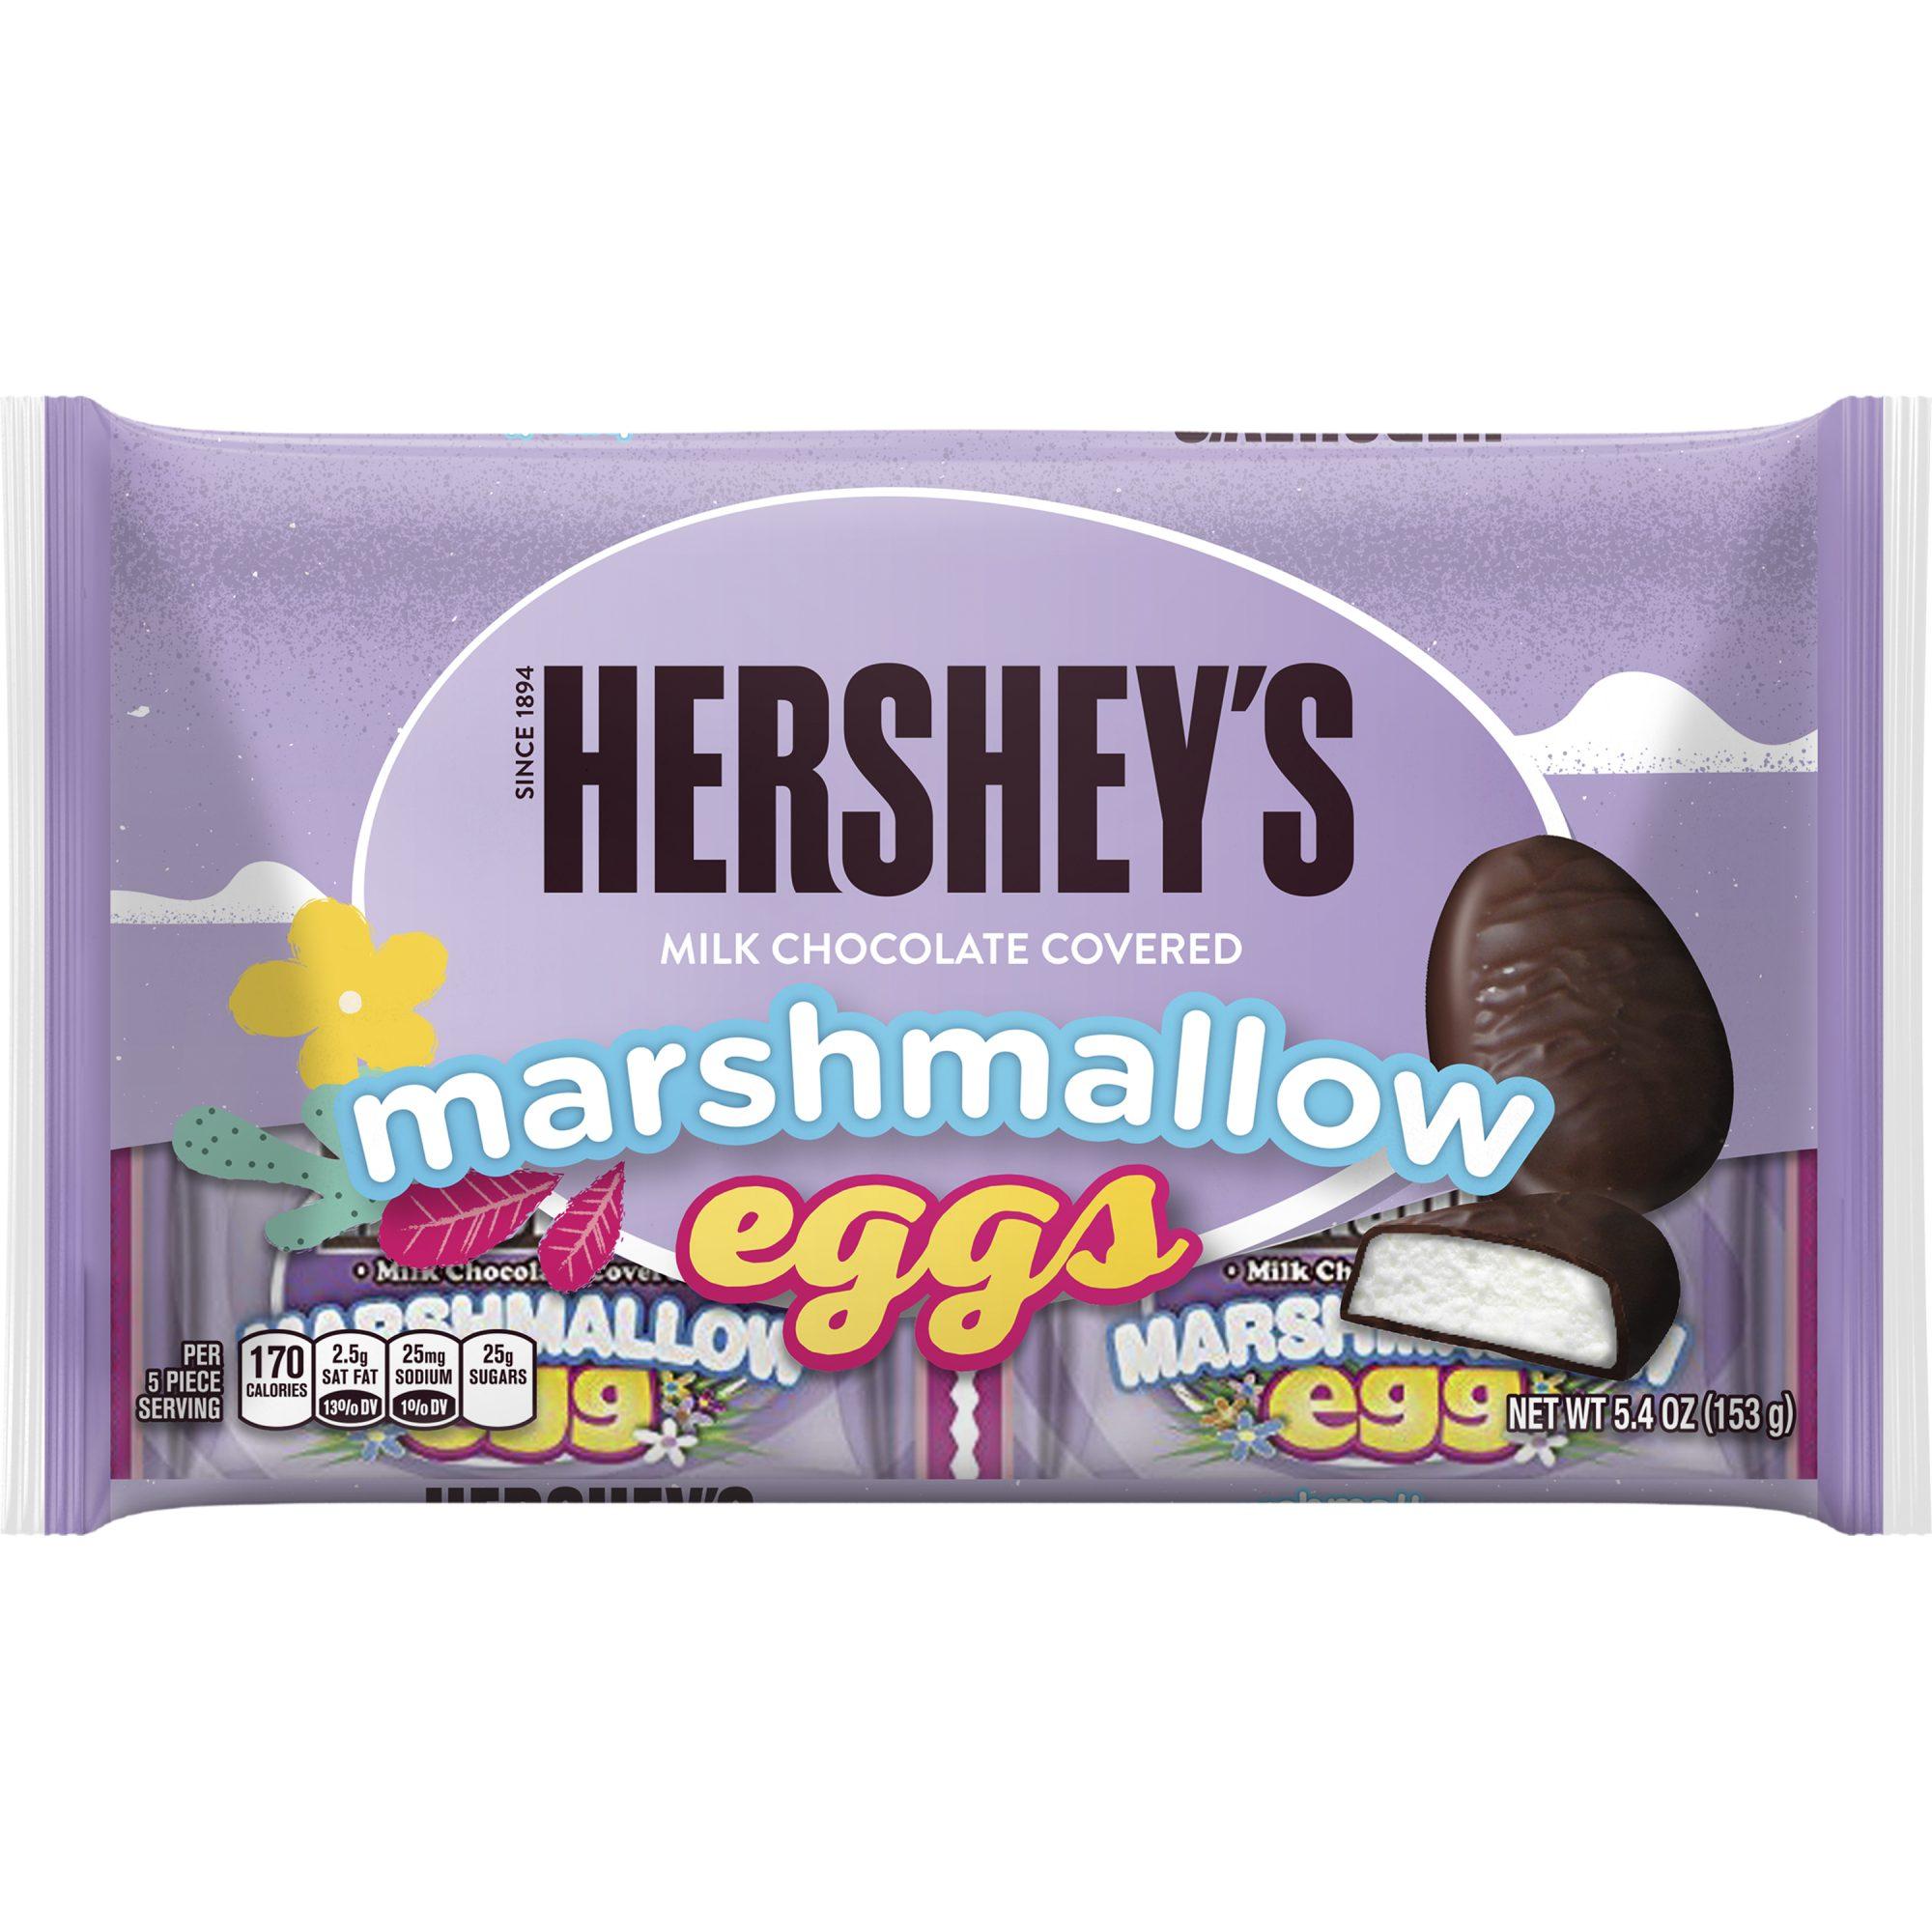 HersheyE28099s-Milk-Chocolate-Covered-Marshmallow-Eggs.jpg